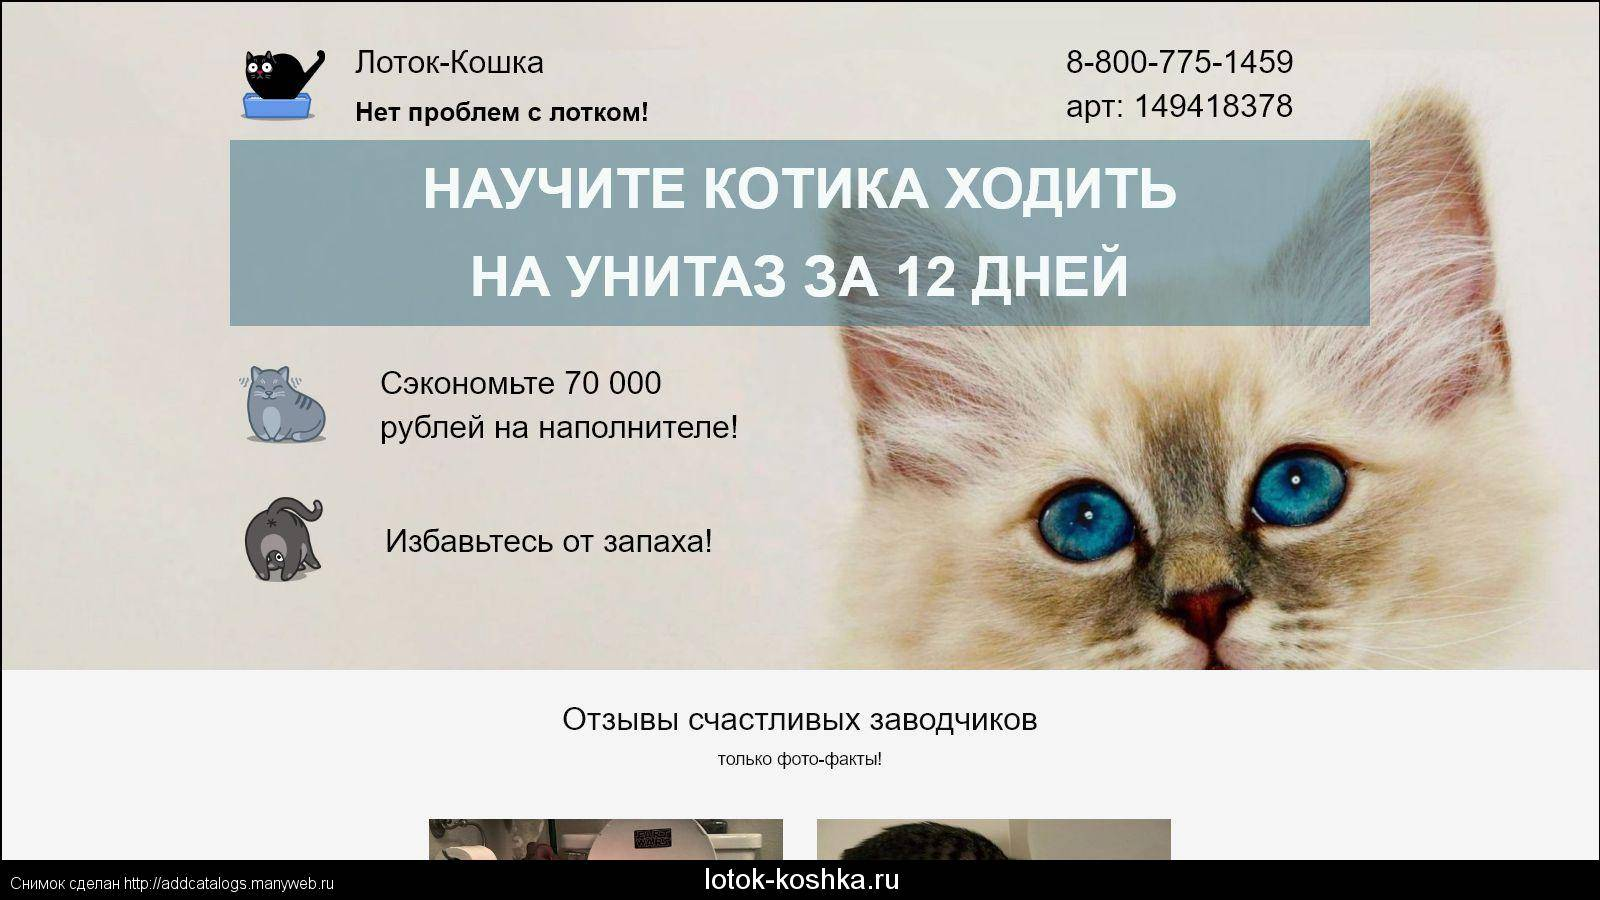 Лоток ваш не хорош — кошка и кот перестали справлять нужду на место